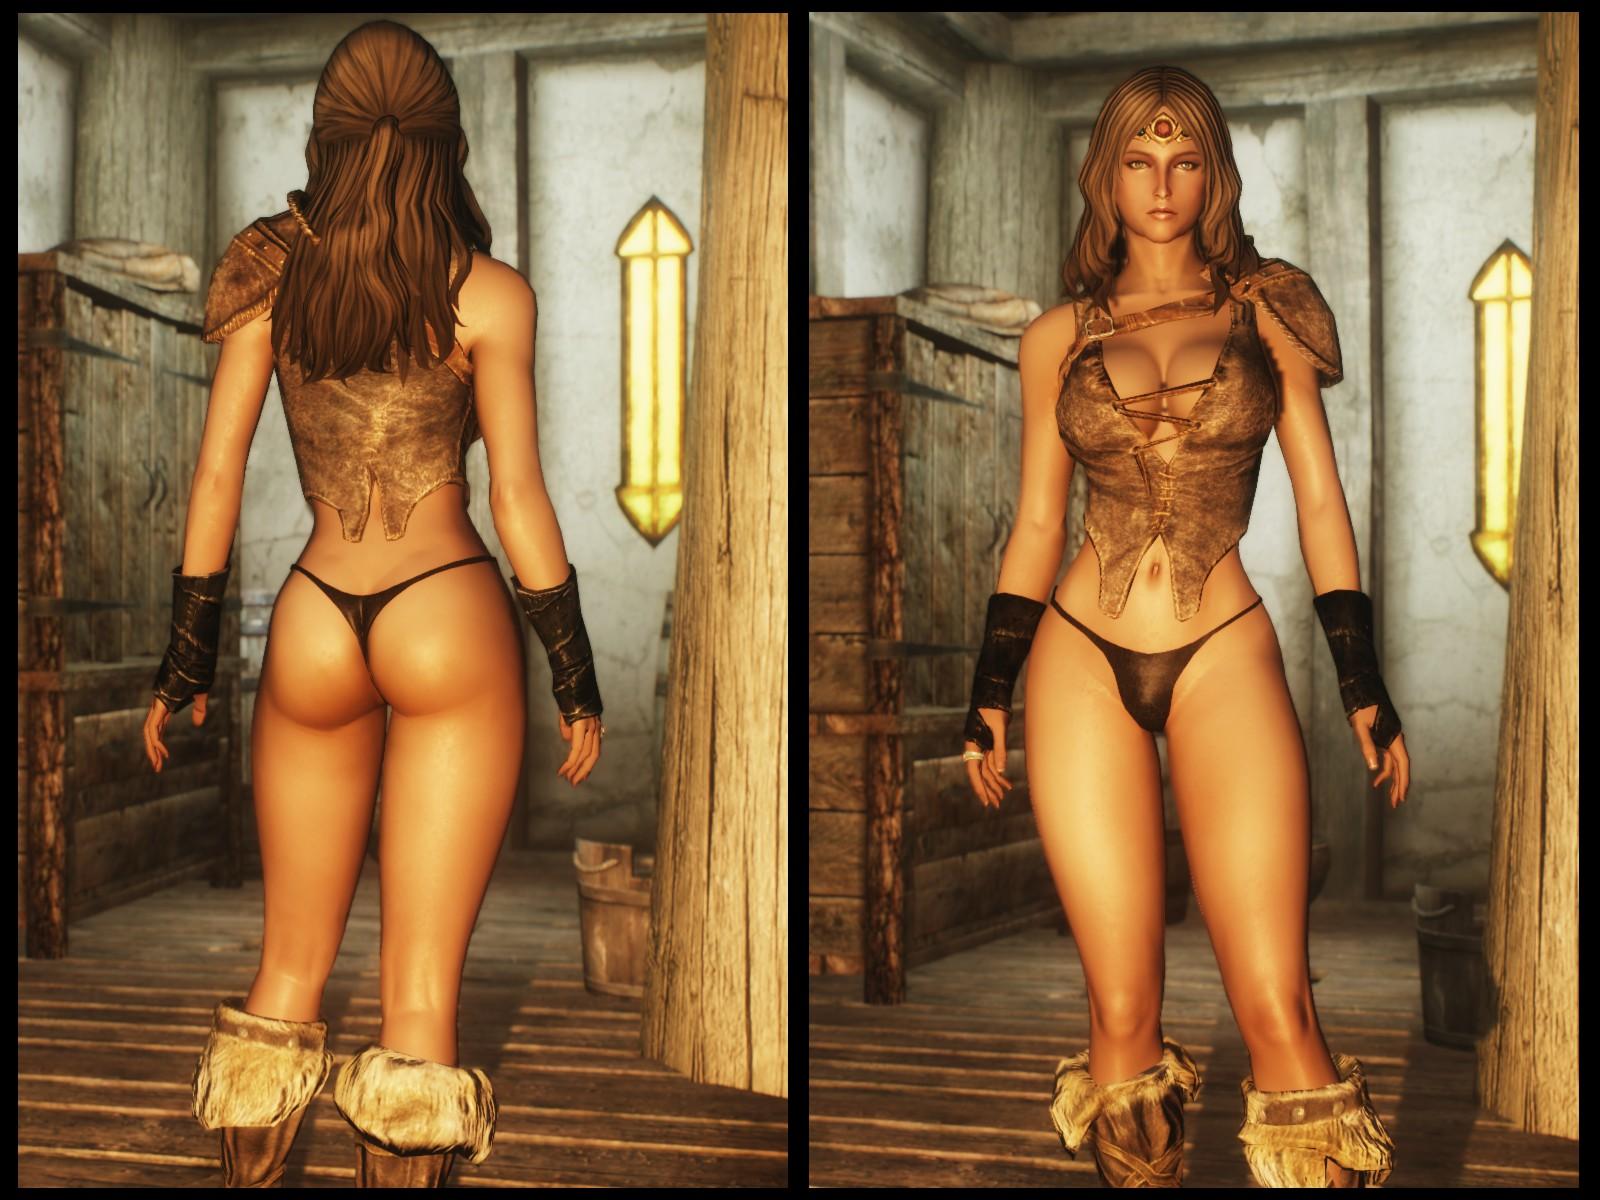 Female armour kink pornos pics